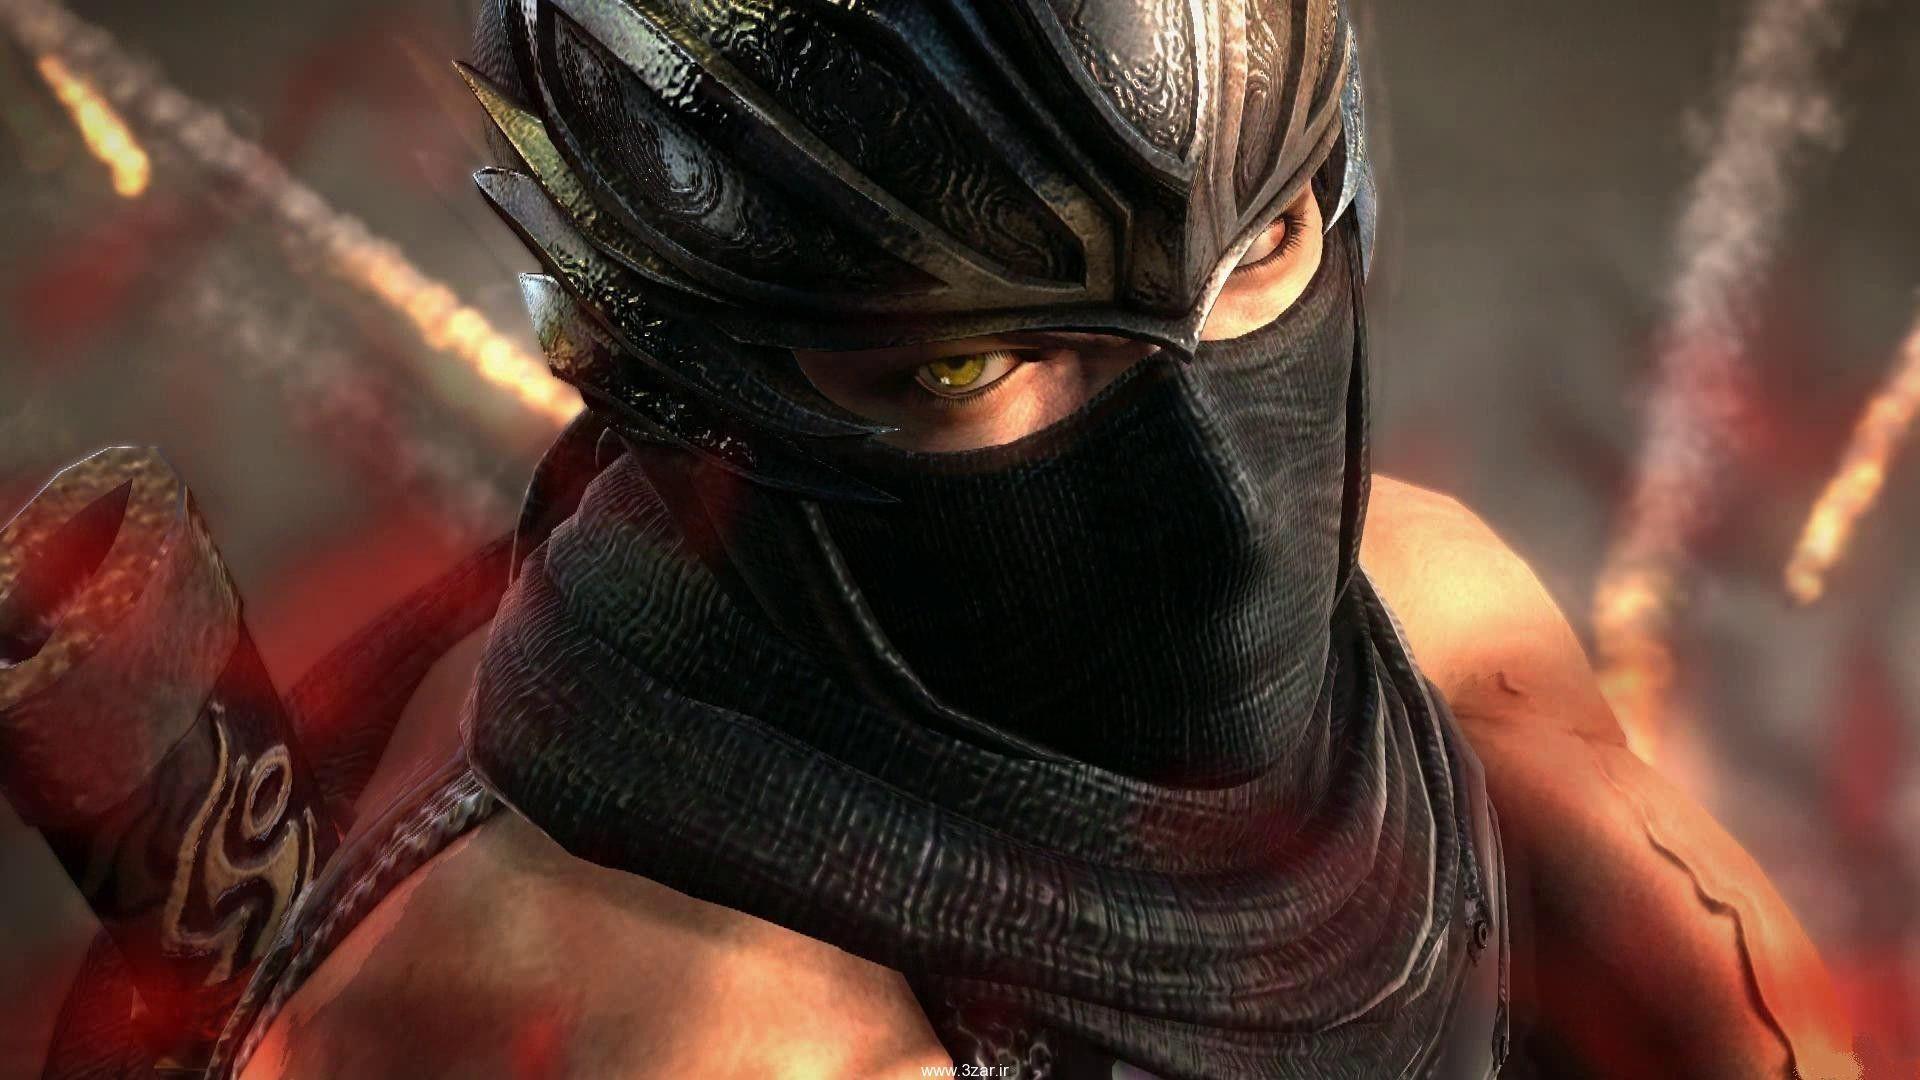 Sexy Ninja Art HD Desktop Wallpaper Widescreen High Definition